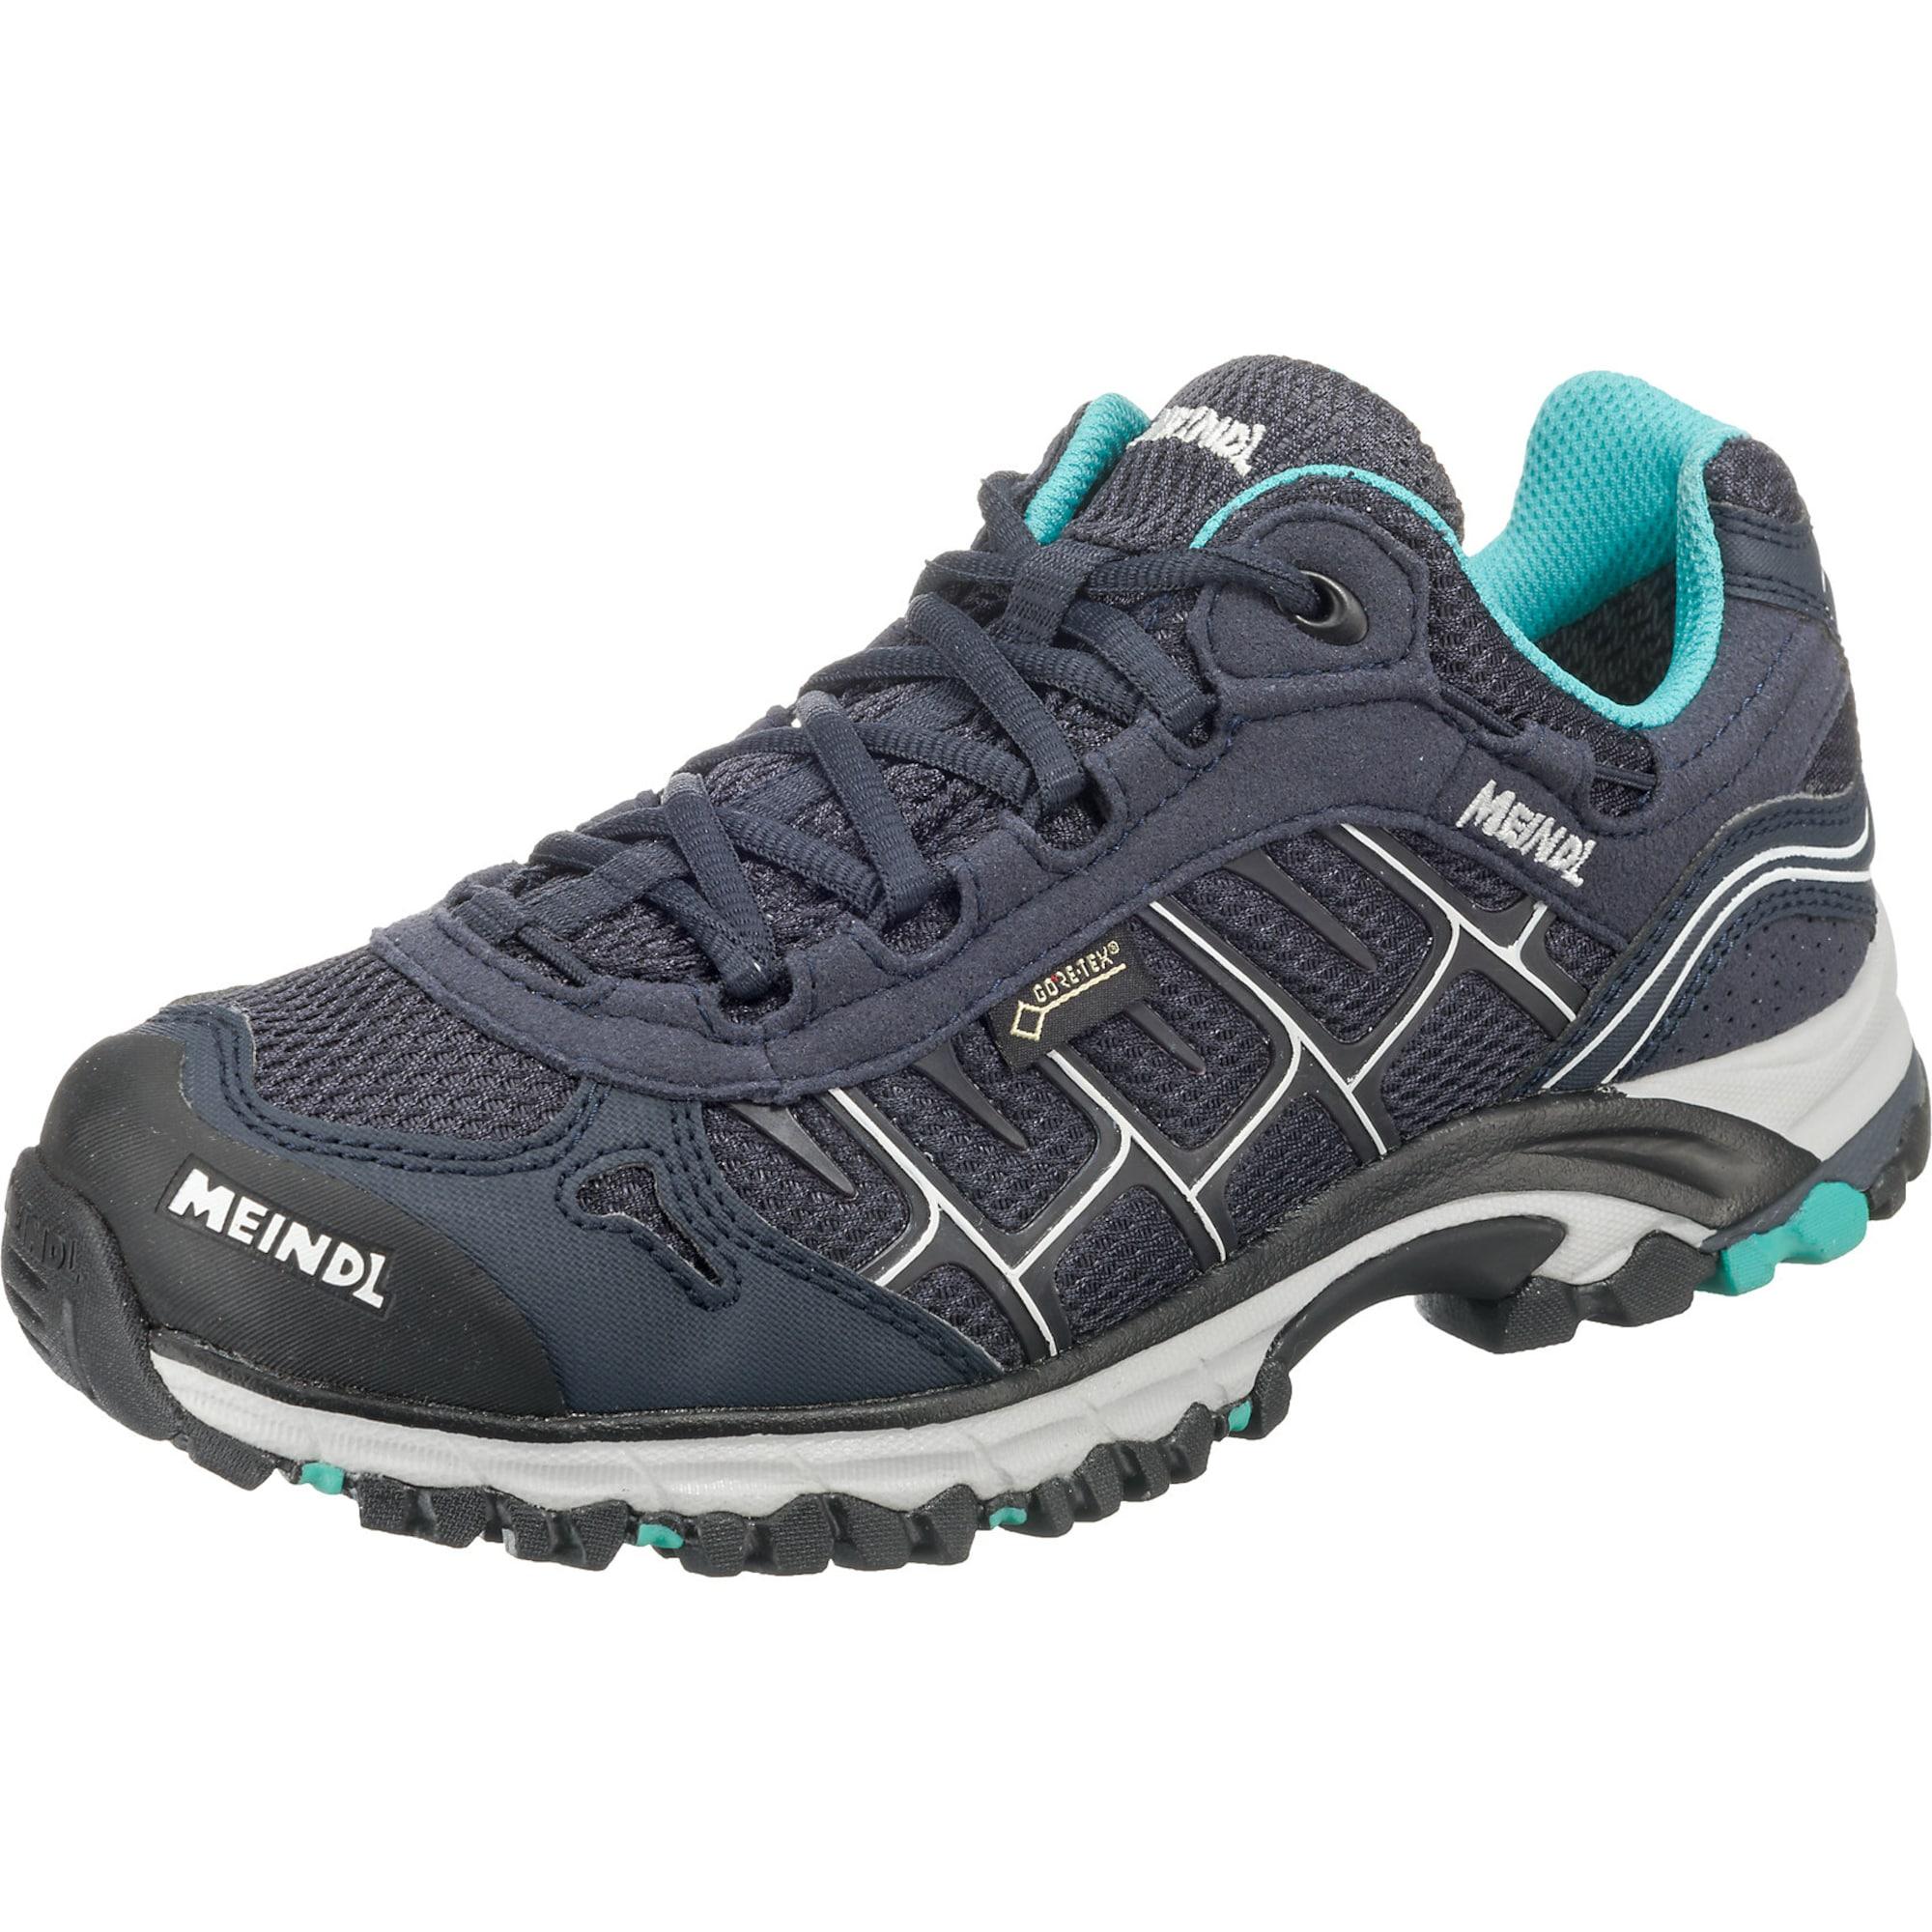 Trekkingschuhe 'Cuba GTX'   Schuhe > Outdoorschuhe > Trekkingschuhe   Aqua - Dunkelblau - Schwarz   MEINDL